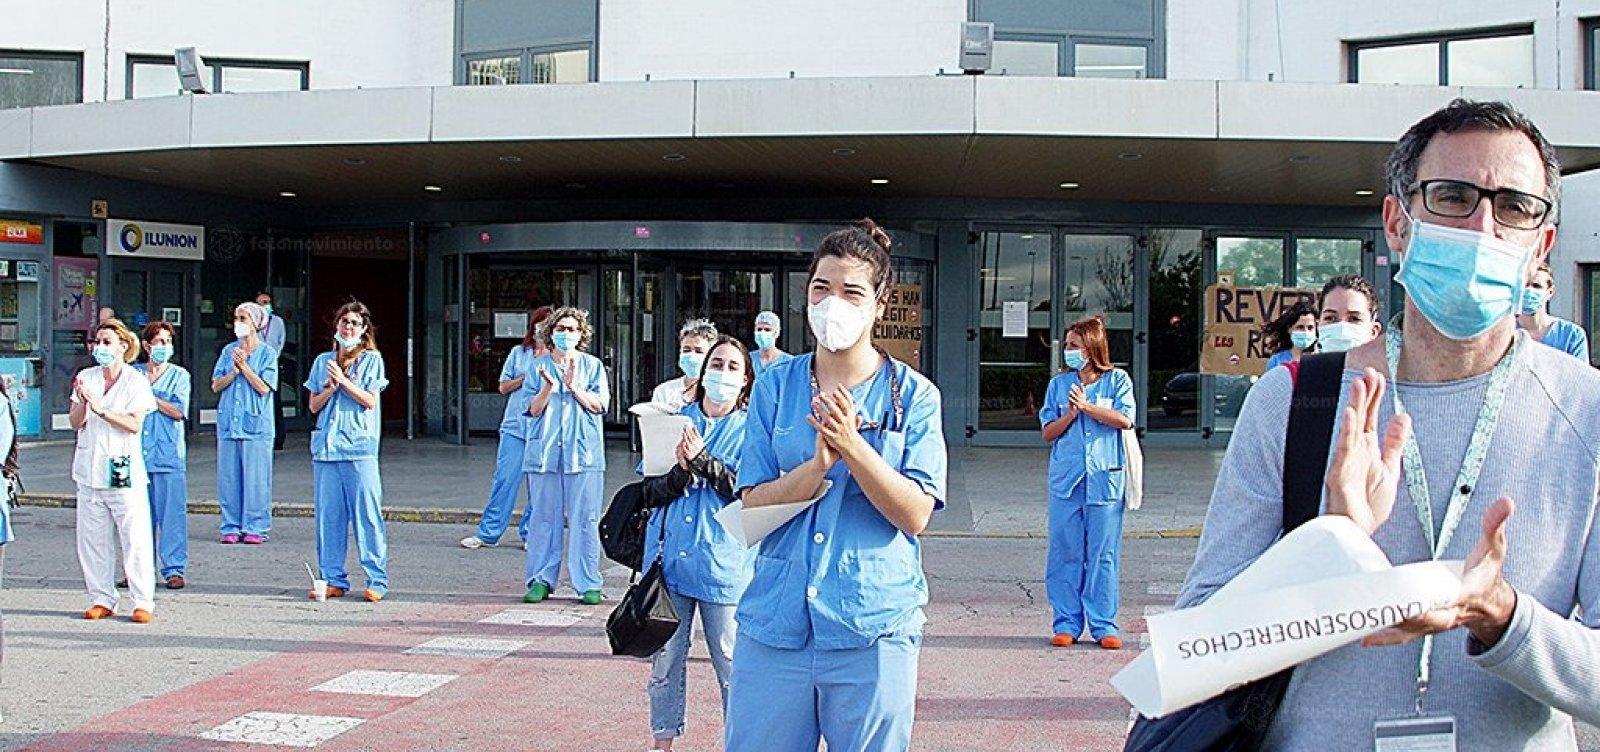 [Espanha não registra novas mortes por coronavírus desde domingo]